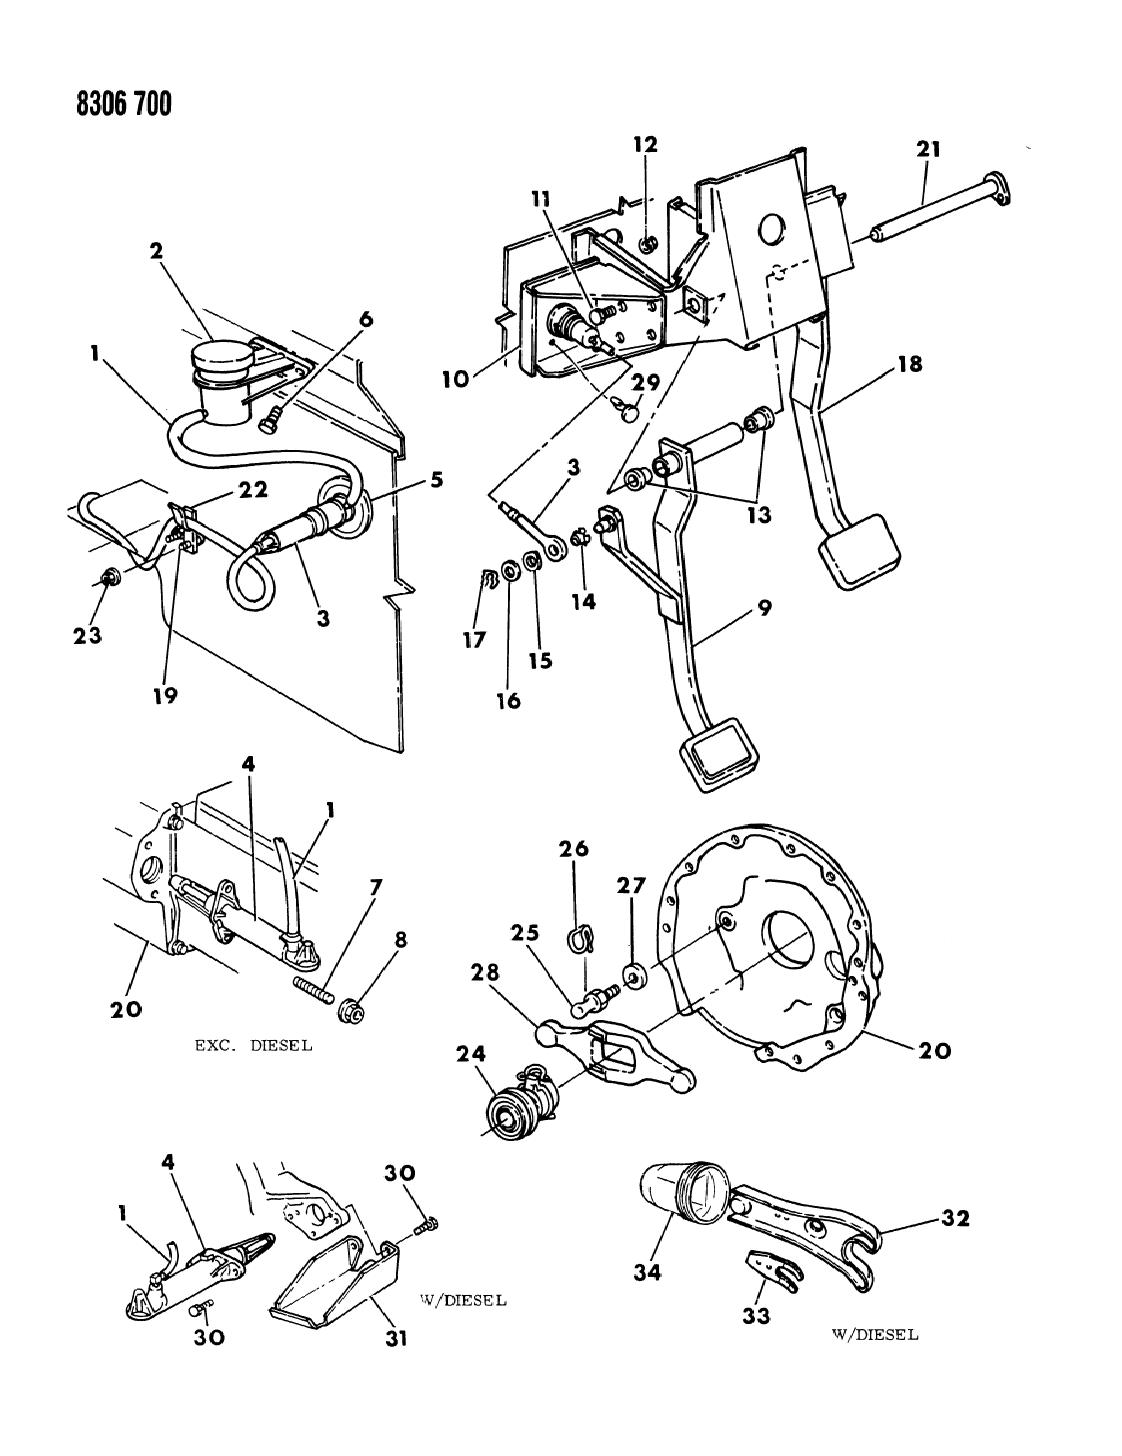 1989 dodge w250 controls  hydraulic clutch